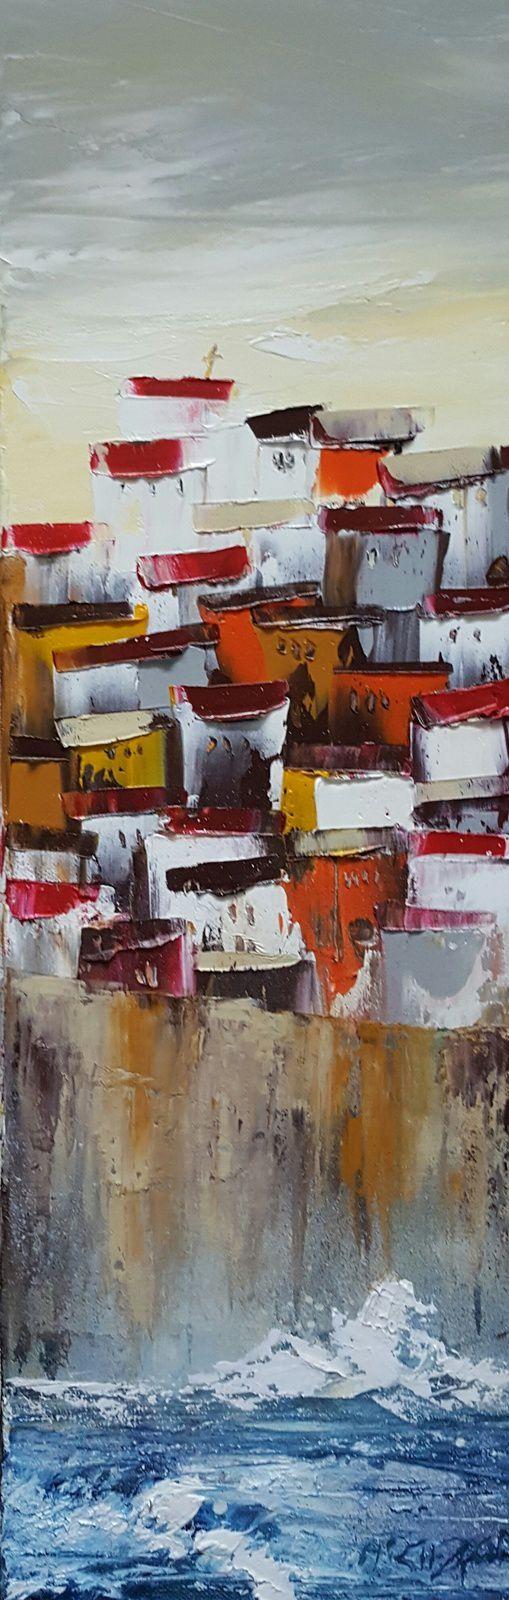 Soir d'orage, huile sur toile, format 20x60, vendu